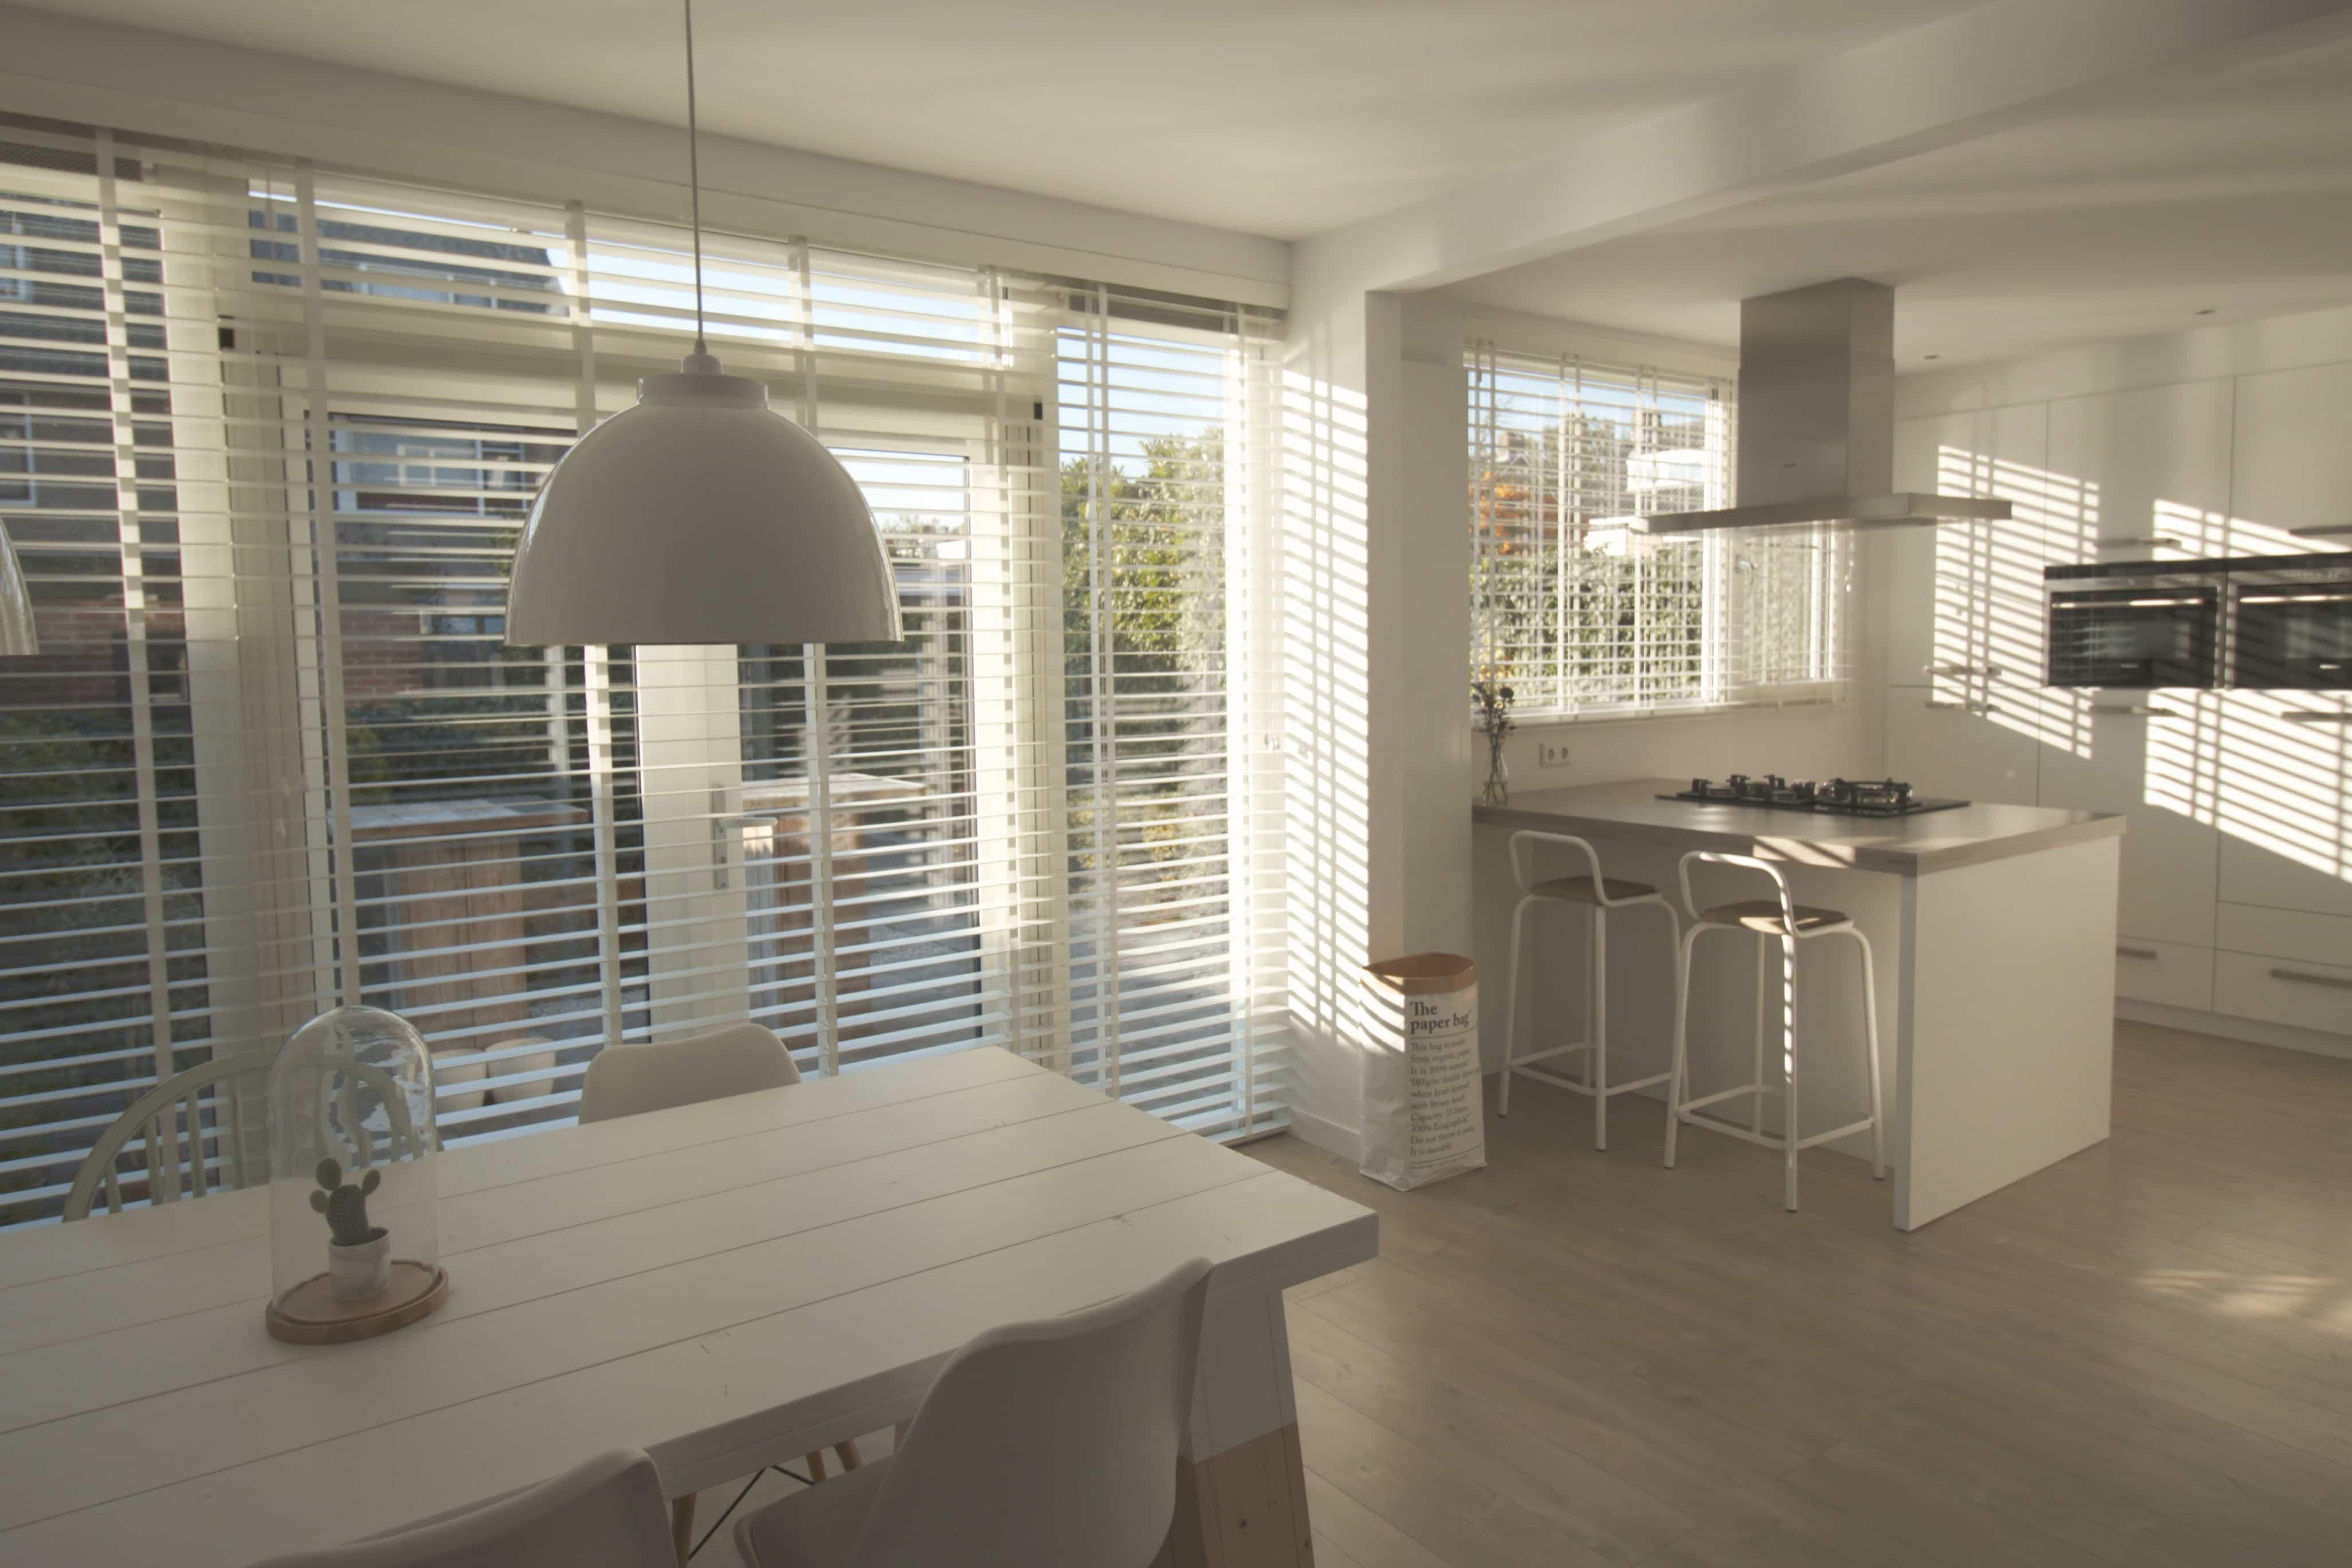 Woonkamer met eettafel keuken en houten jaloezieen wit